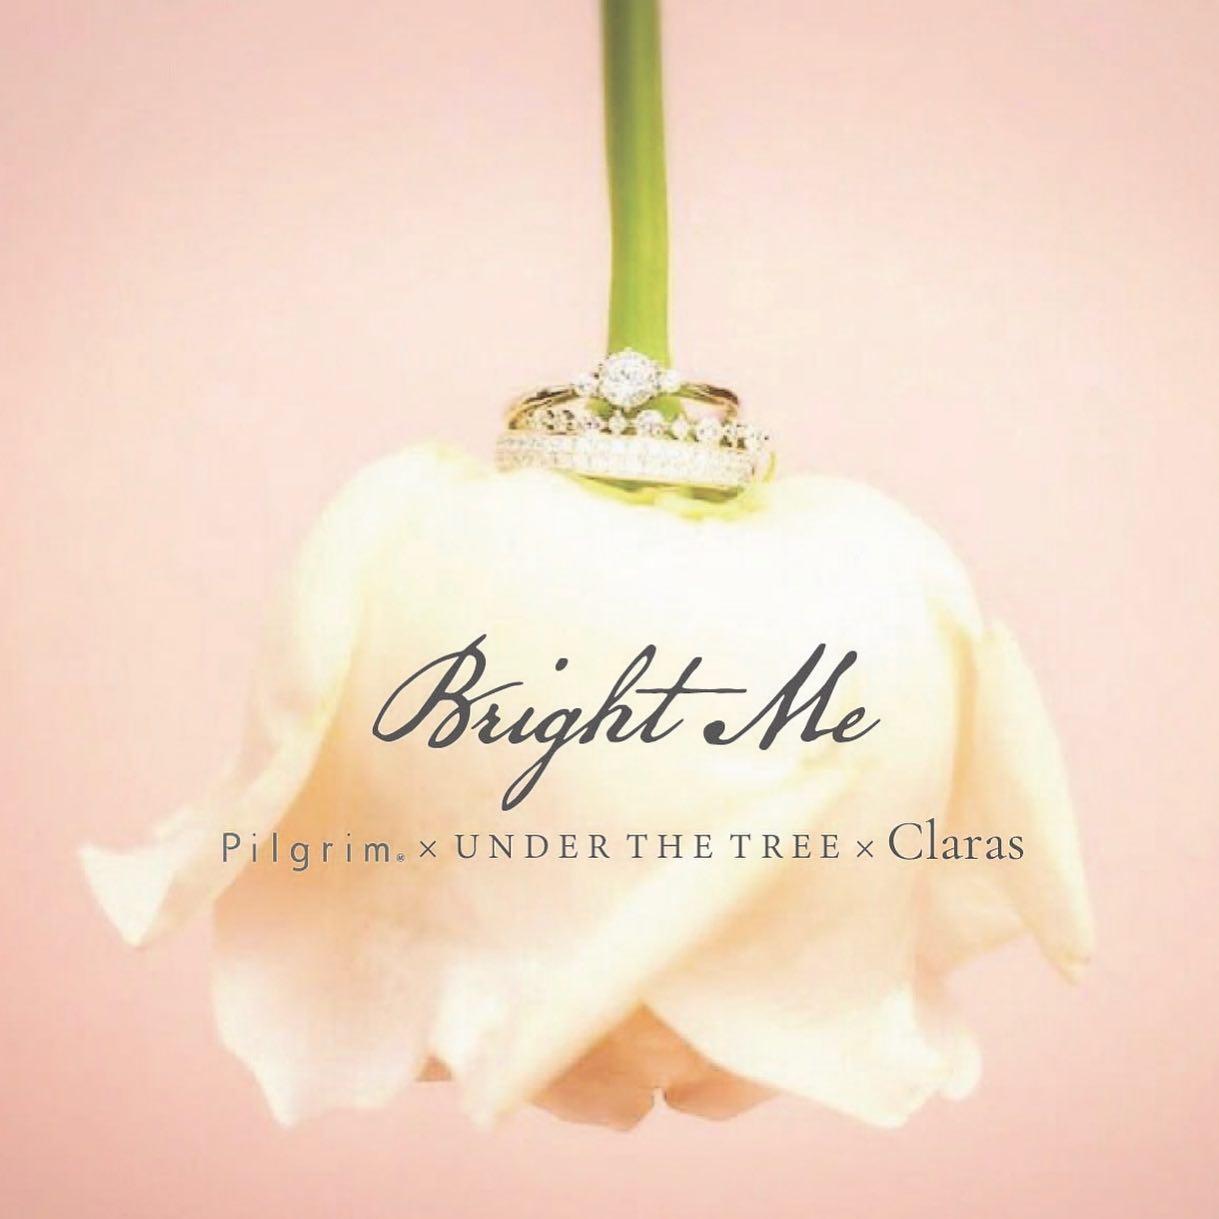 「Bright me」輝く自分の一瞬を特別な肖像画のように写真におさめる・Weddingでも...マタニティでも...成人式でも...還暦でも...特別な日でなくても...お母様へのプレゼントにしたいというお声も頂いてます♡「現在(いま)の自分の真の輝きを」スタイリング×ヘアメイク×空間装飾のプロが輝きを引き出してプロデュースし写真へ・2021.6.15release♡・🕊問合せ🤍Instagram DMでお気軽にお問合せくださいもしくは下記ドレスサロンまでお電話orメールにてClaras東京都港区北青山2-9-14SISTER10103-6910-5163定休日 月曜日・火曜日・こちらもフォローお願いします@bright_me_photo ・#フォトウエディング #両親へのプレゼント #プレ花嫁 #マタニティ #マタニティフォト #プロフィール写真 #プロポーズ #プロポーズされました #婚約しました #婚約 #婚活 #成人式 #還暦 #アニバーサリー #アニバーサリーフォト #lgbt  #前撮り #記念日 #非日常 #ウエディングドレス #運命 #遺影 #家族写真 #バウリニューアル #オリジナル #wedding #weddingdress #weddingphotography #aniversary #engagement